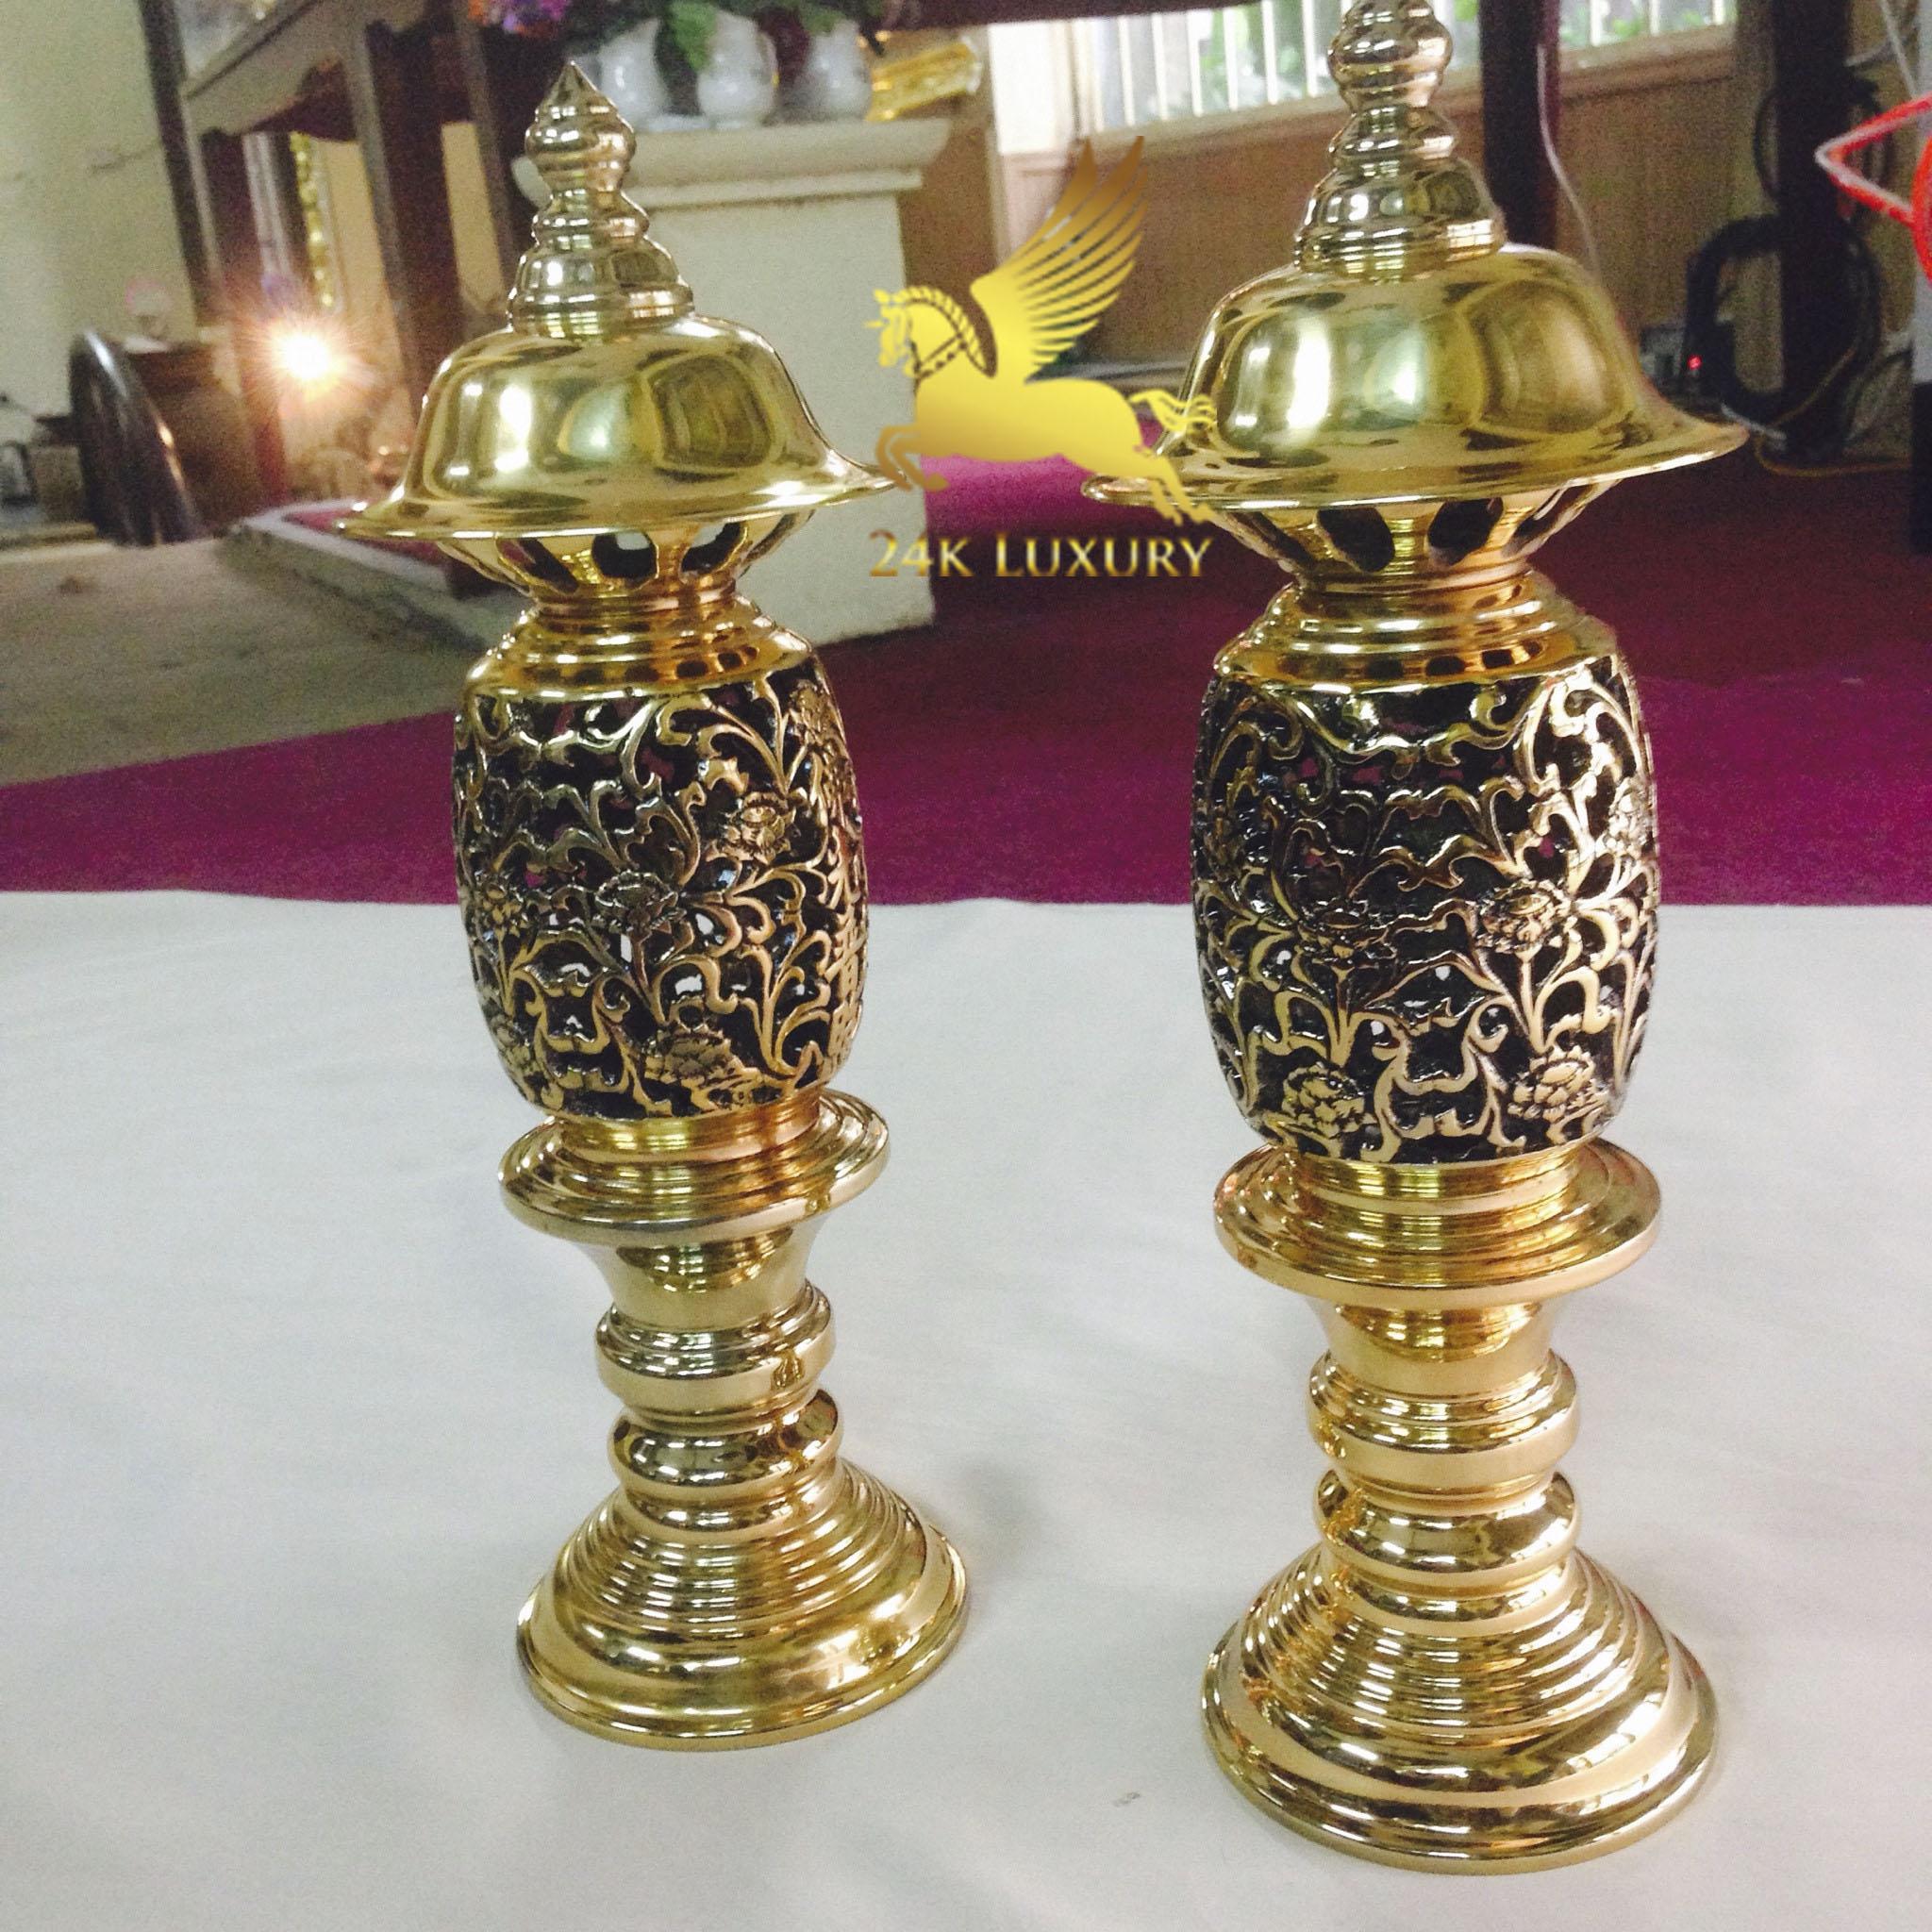 đèn thờ mạ vàng- sản phẩm đang được nhiều người lựa chọn nhất trong thời gian vừa qua.